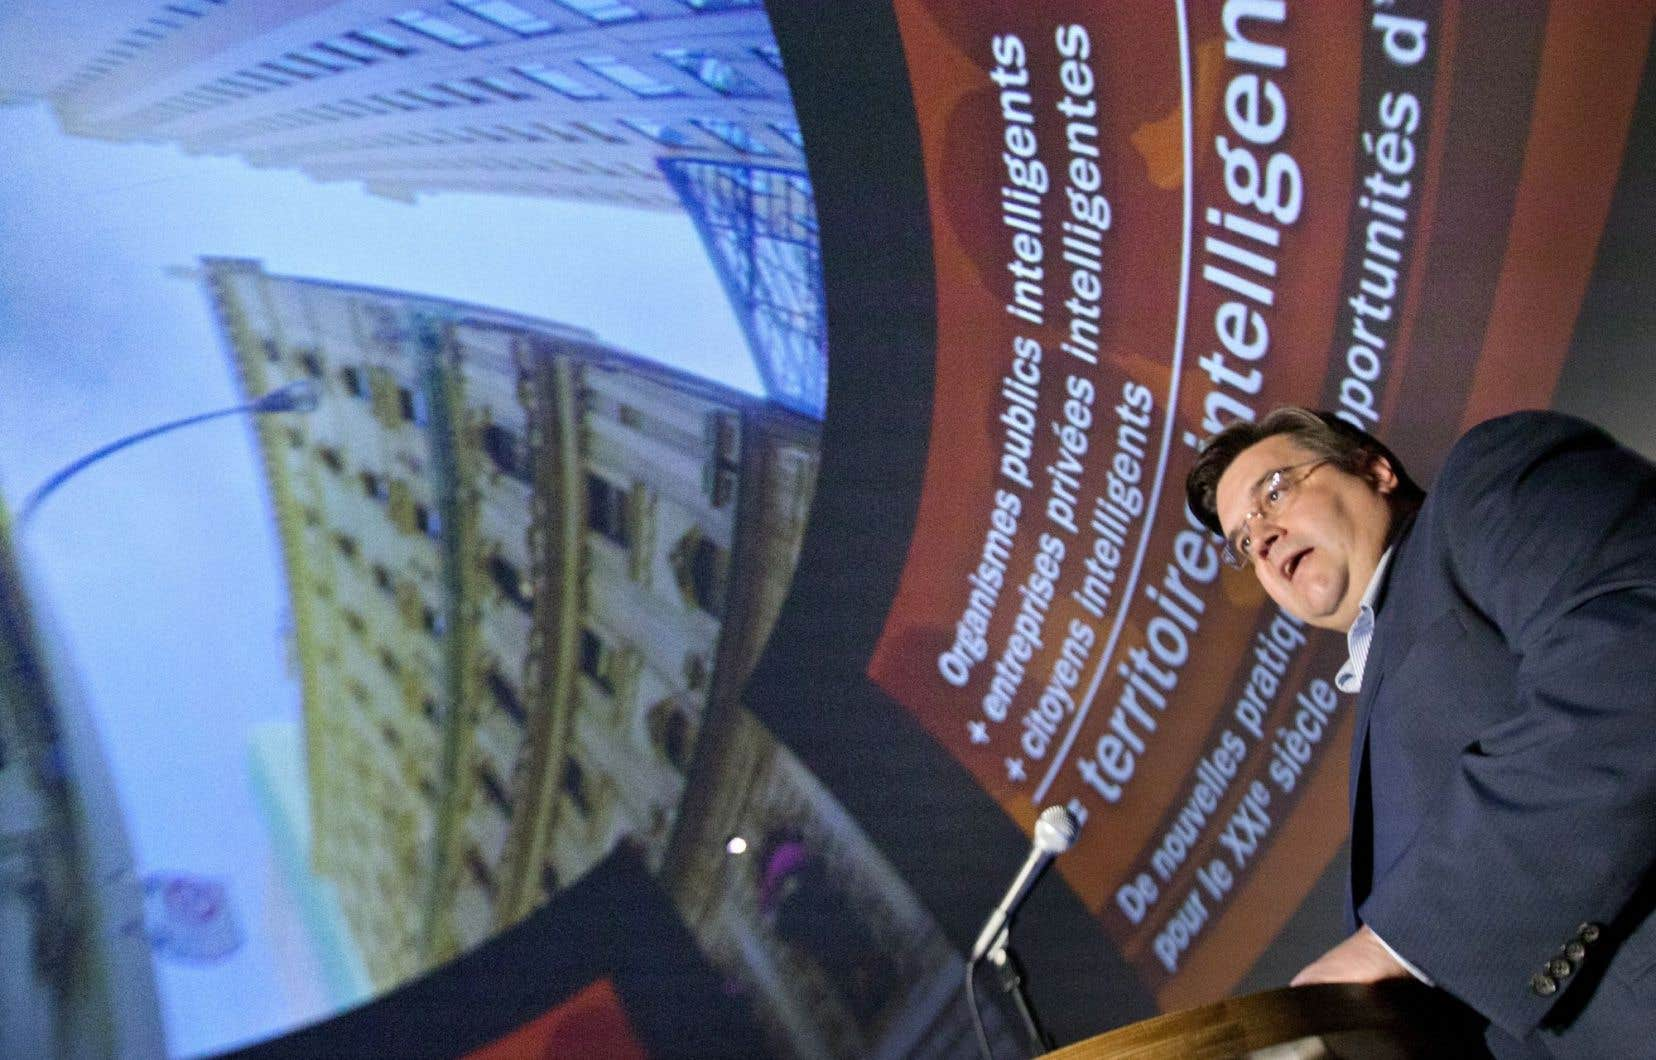 Denis Coderre au forum Webcom Montréal en juin2013, alors qu'il était candidat à la mairie de la ville.